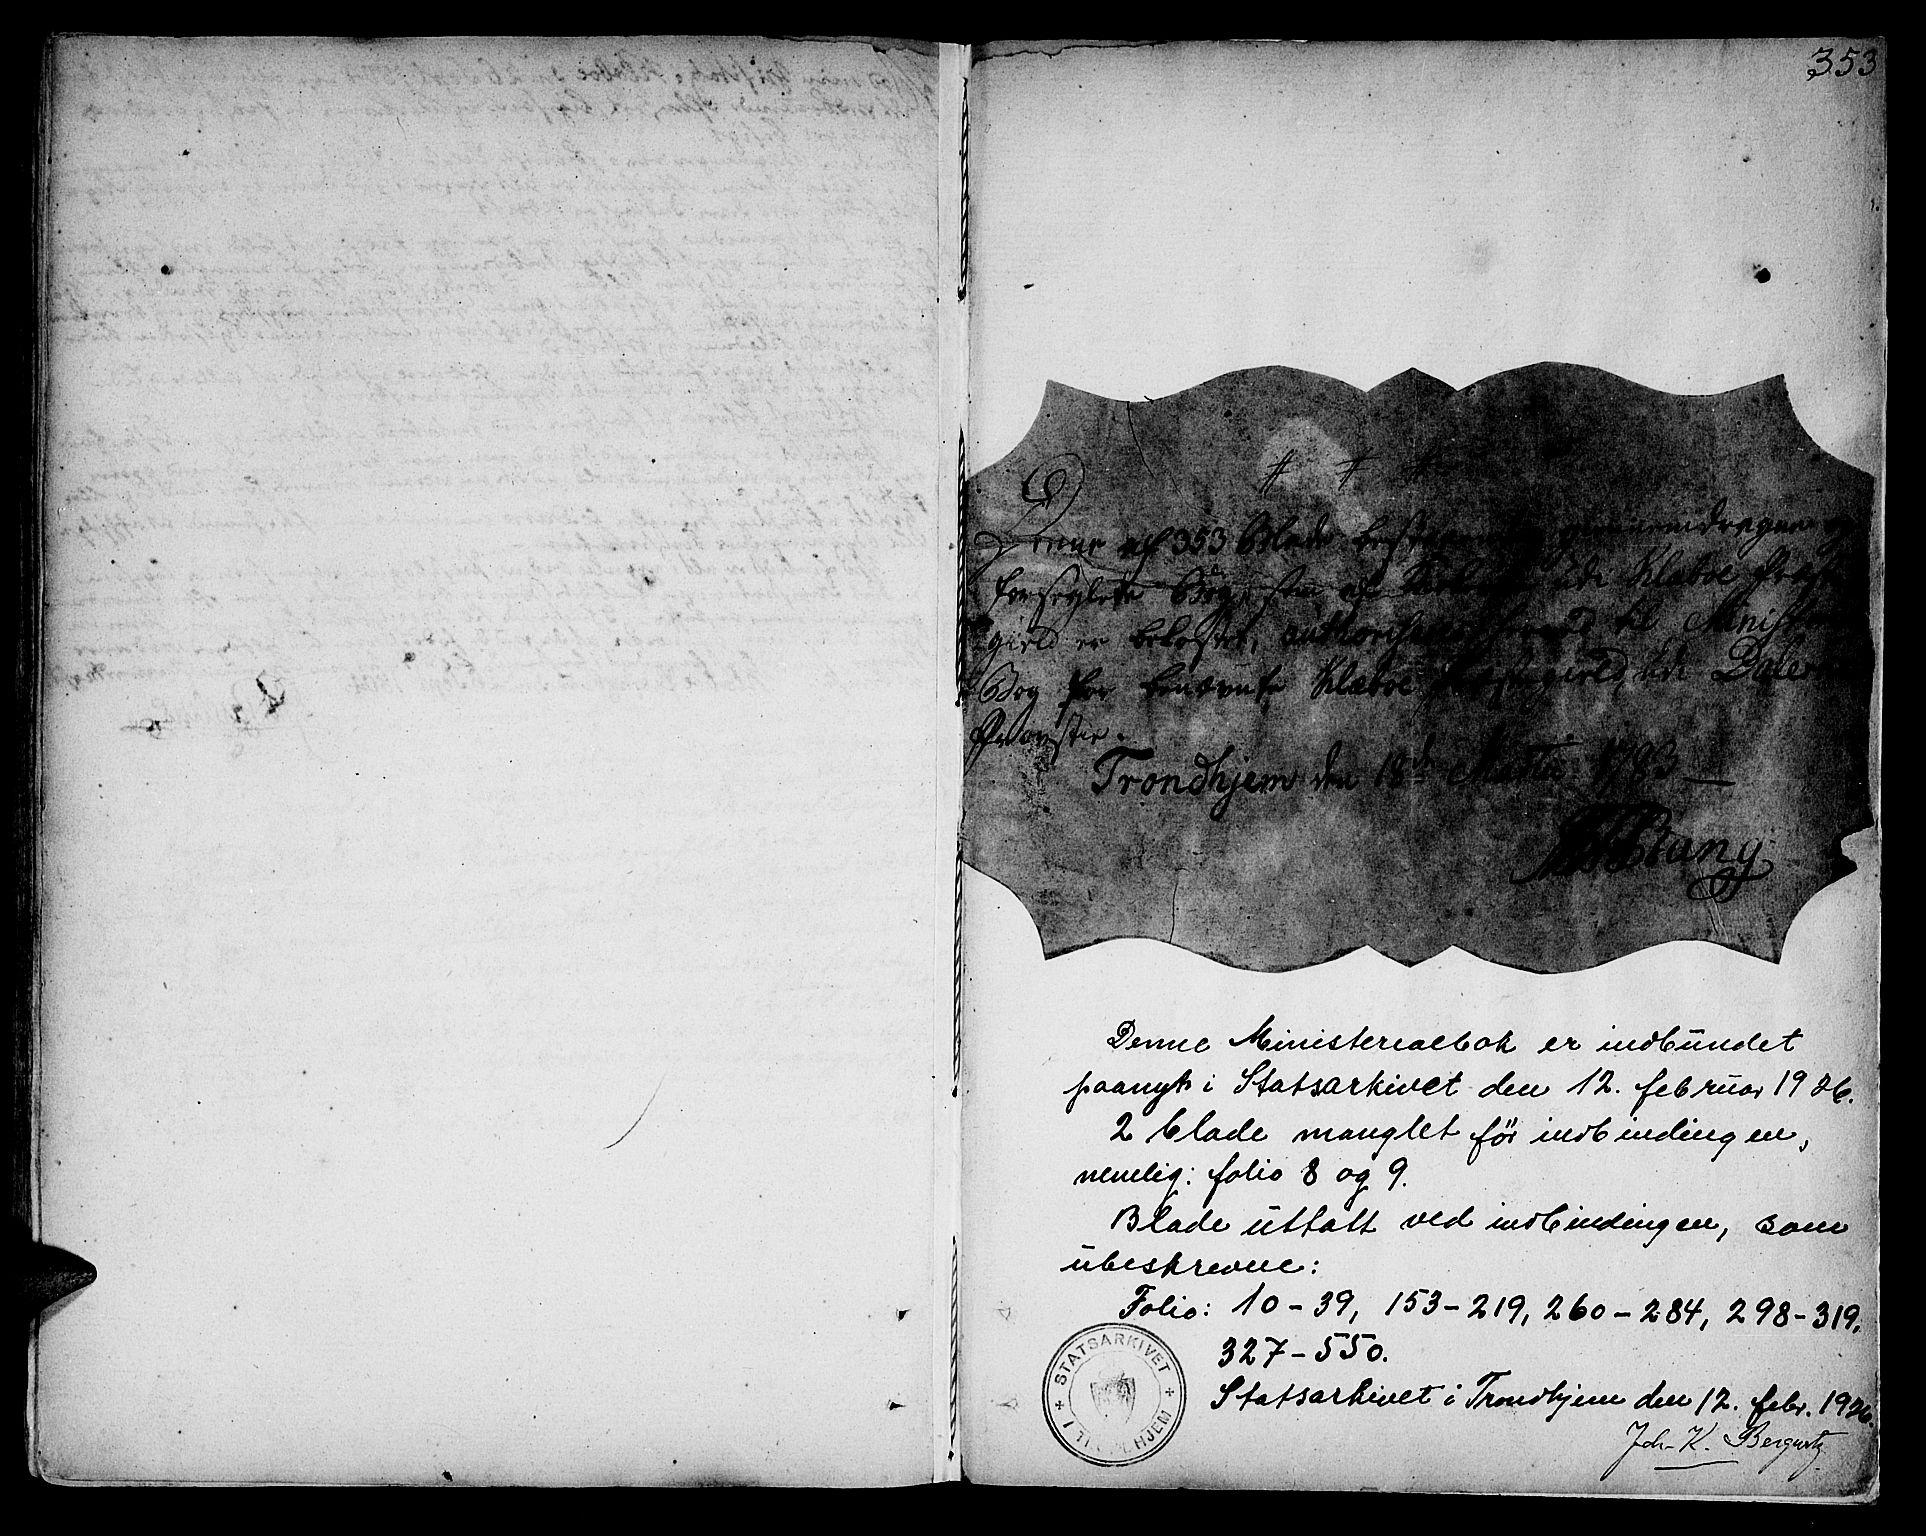 SAT, Ministerialprotokoller, klokkerbøker og fødselsregistre - Sør-Trøndelag, 618/L0438: Ministerialbok nr. 618A03, 1783-1815, s. 353